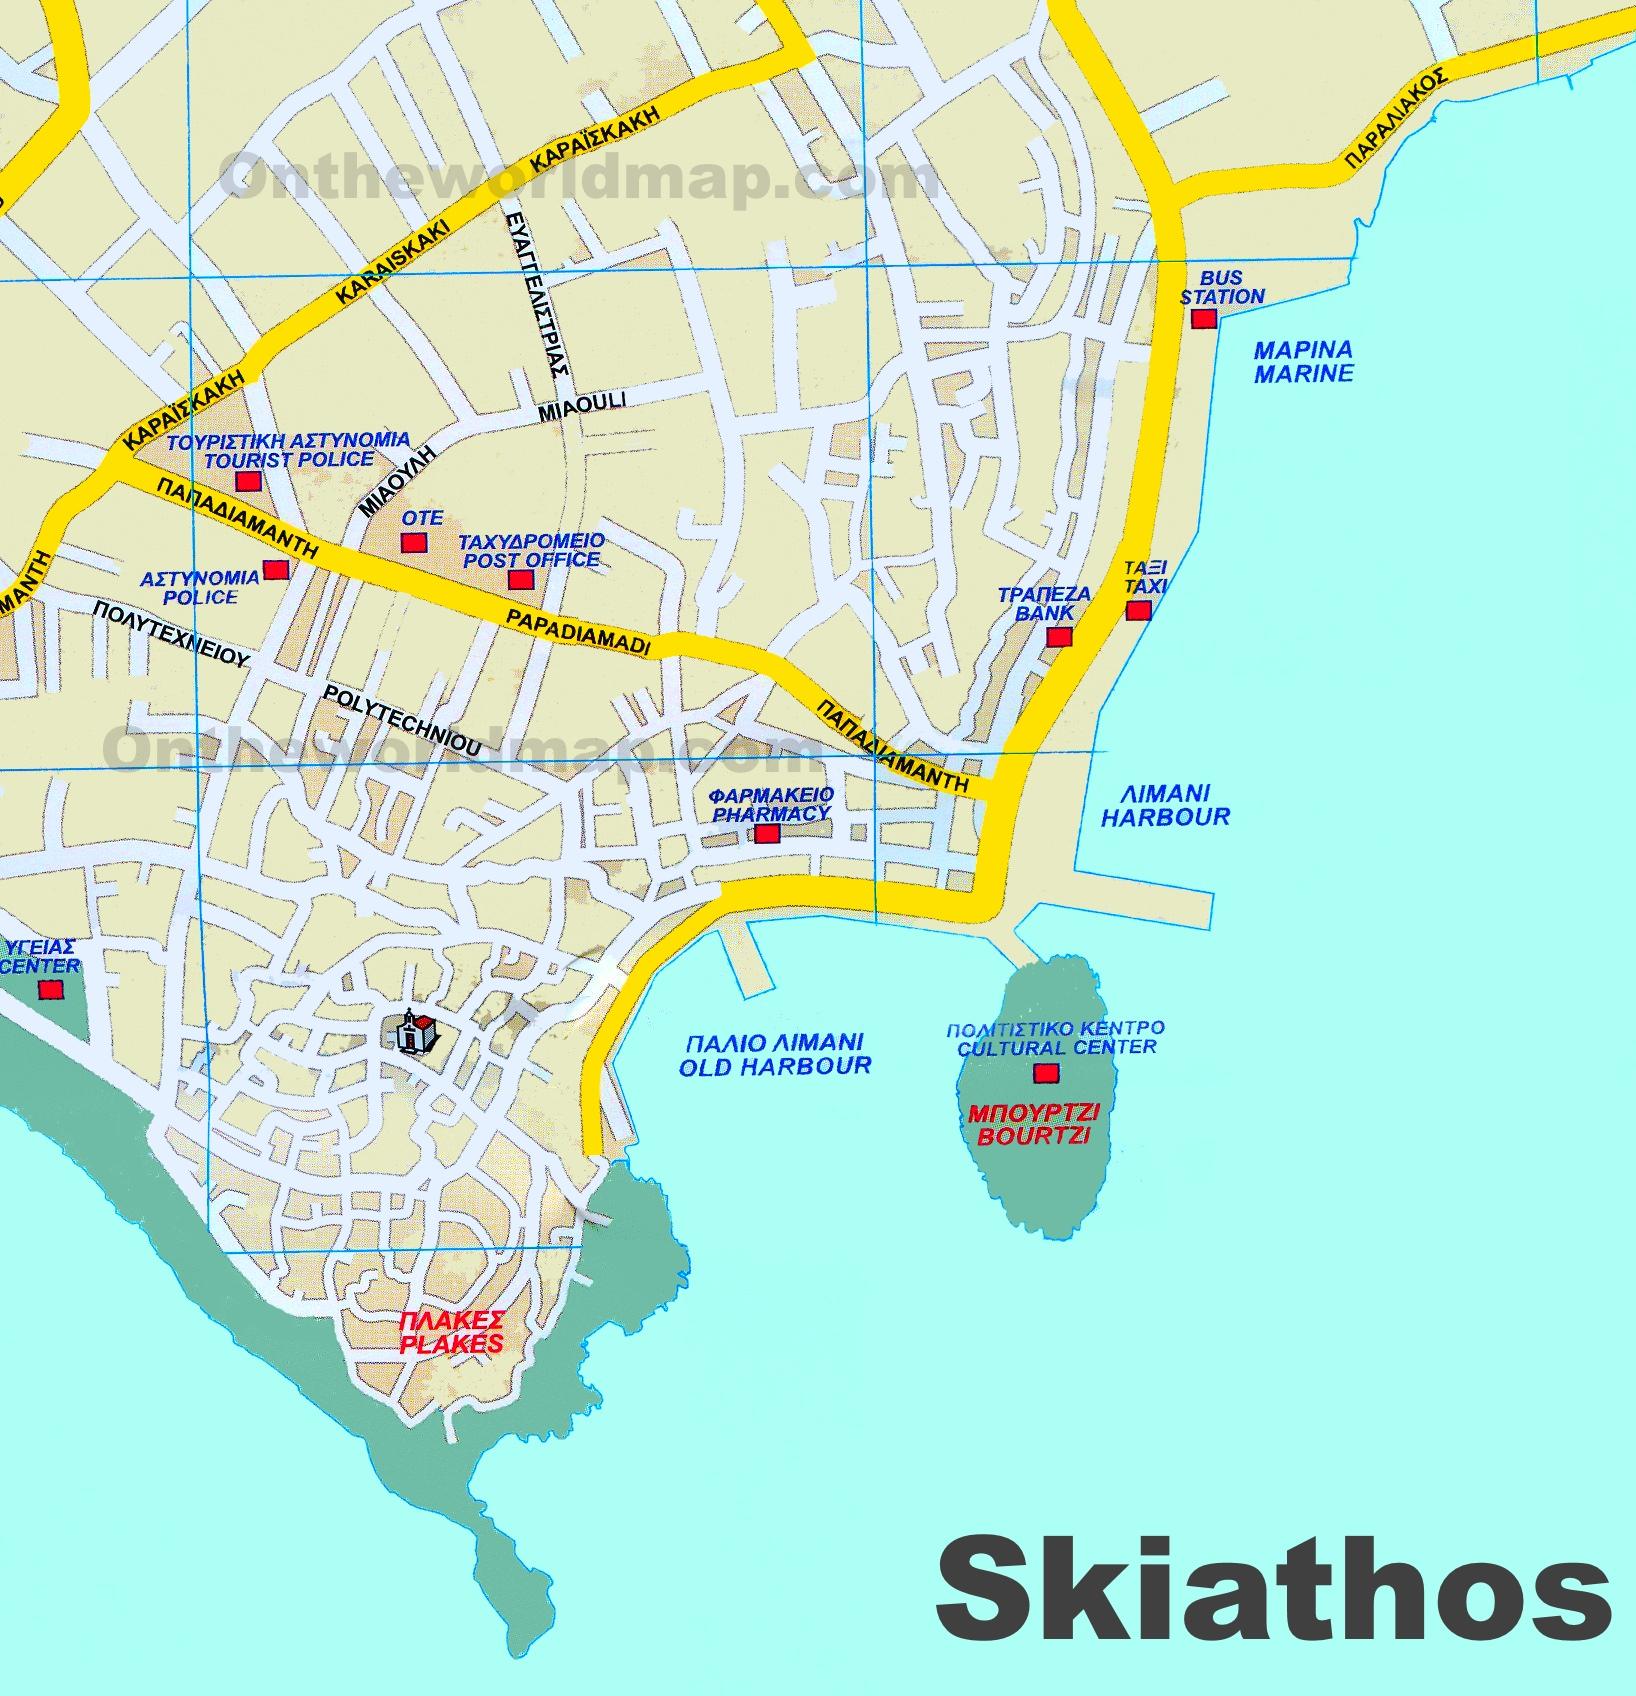 Map Of Skiathos Skiathos Town tourist map